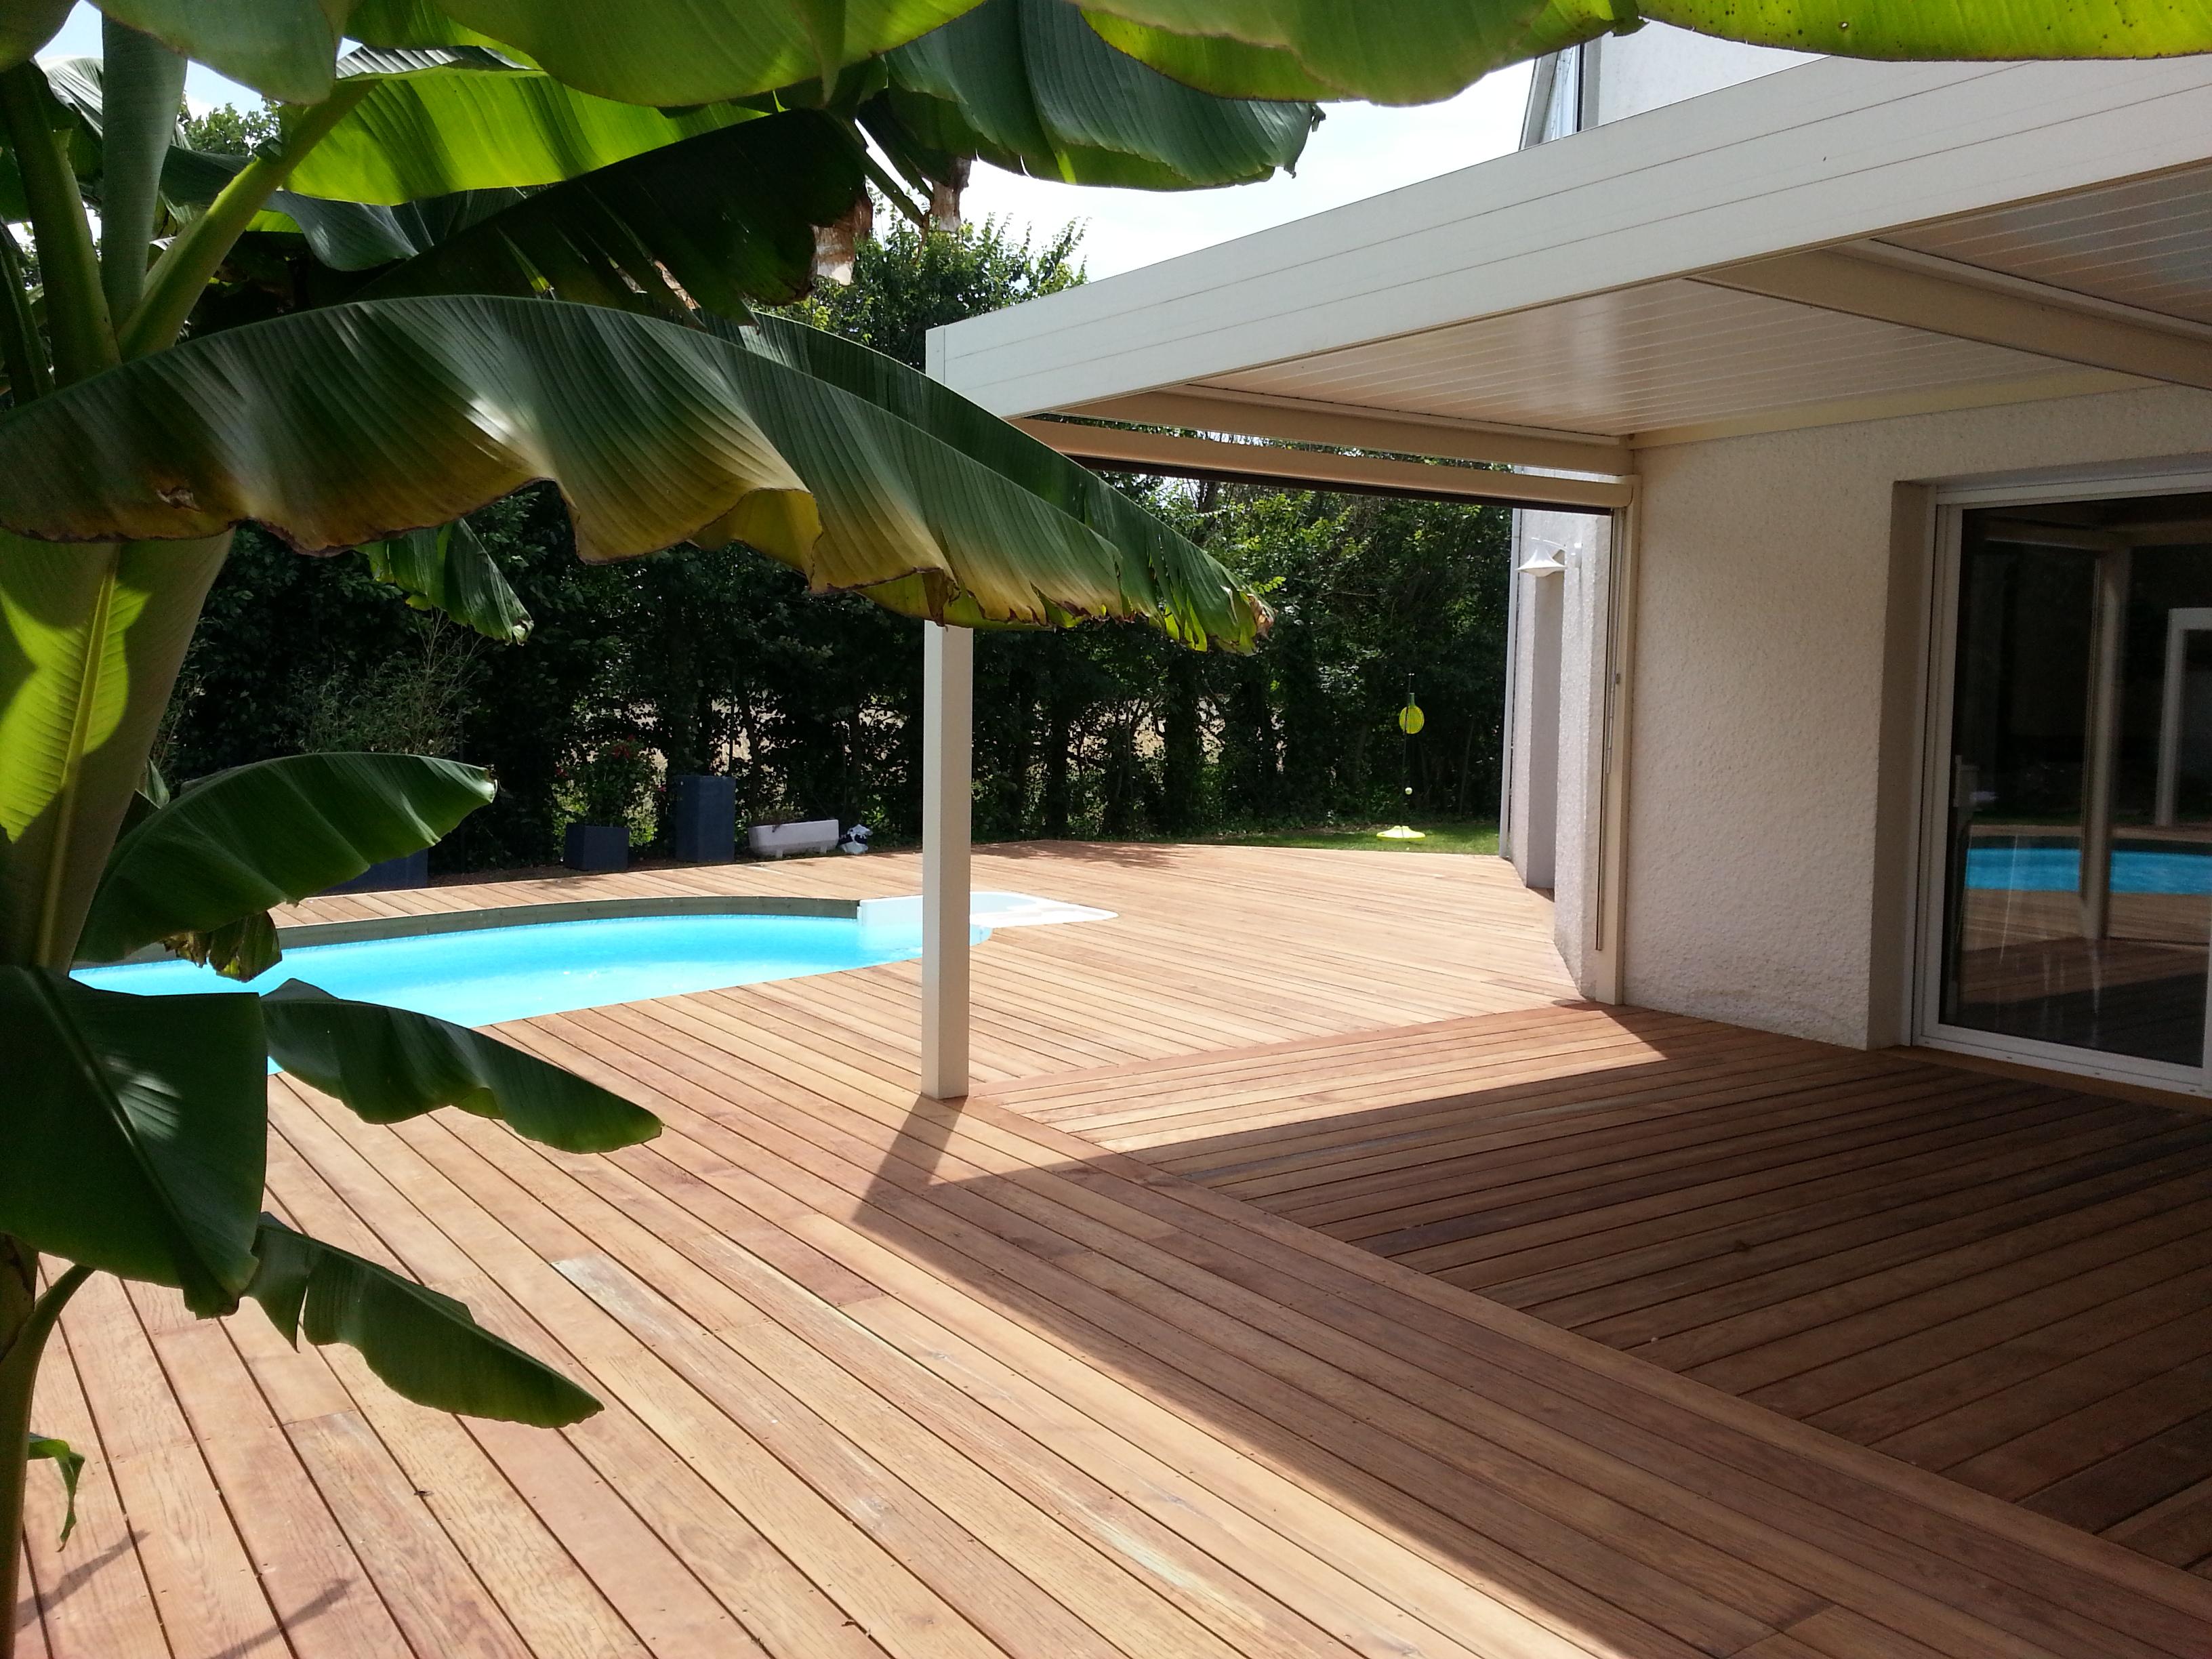 terrasse tendance bois mairie de biard dans la vienne 86. Black Bedroom Furniture Sets. Home Design Ideas